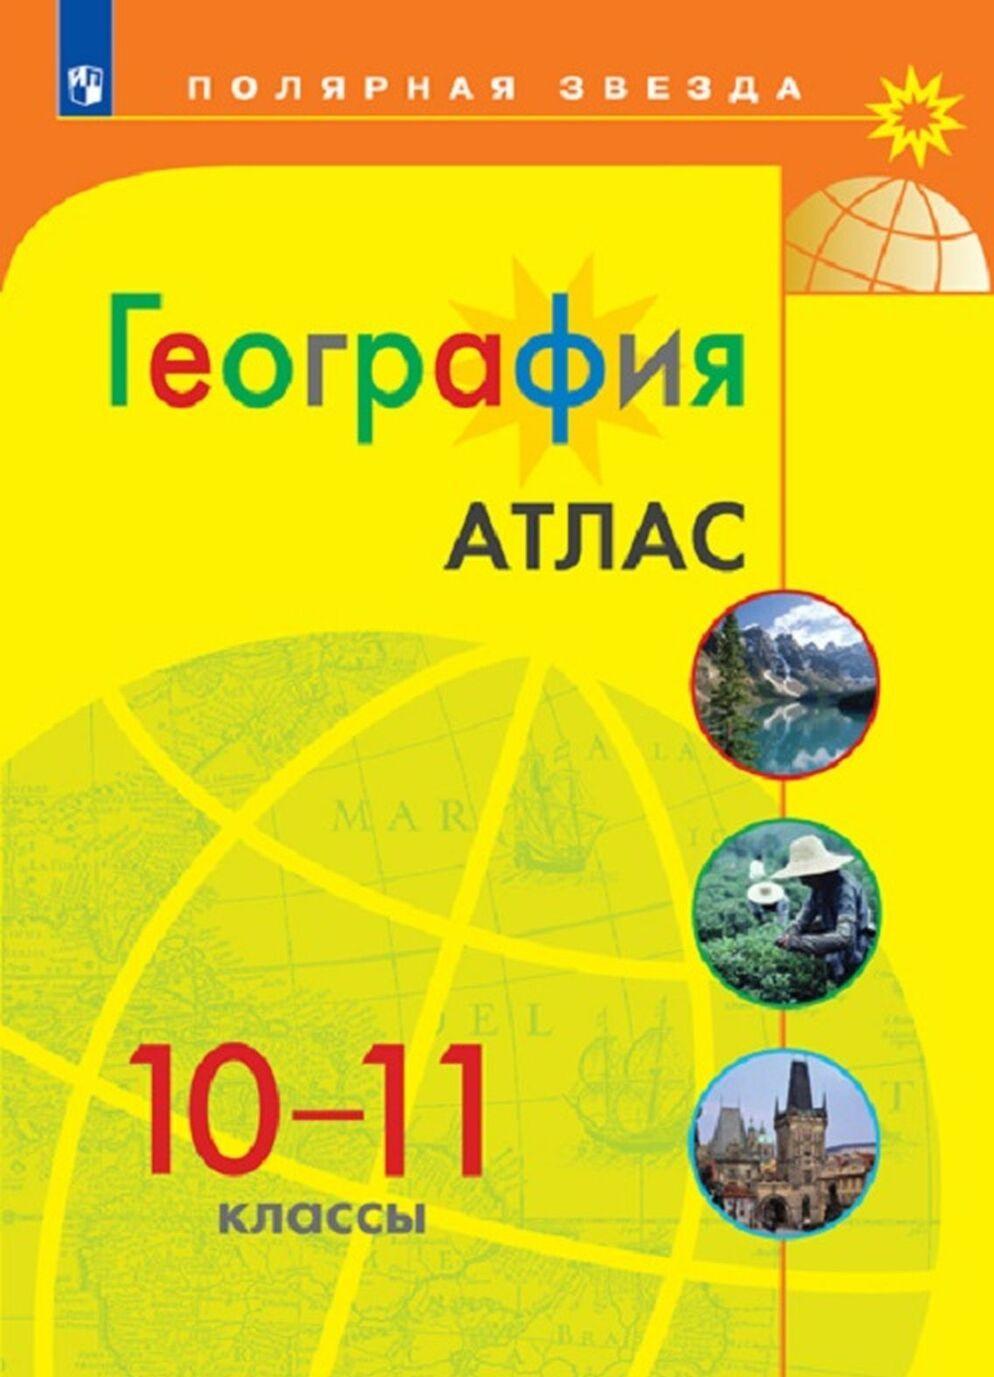 Geografija. Atlas. 10-11 klassy (Poljarnaja zvezda)